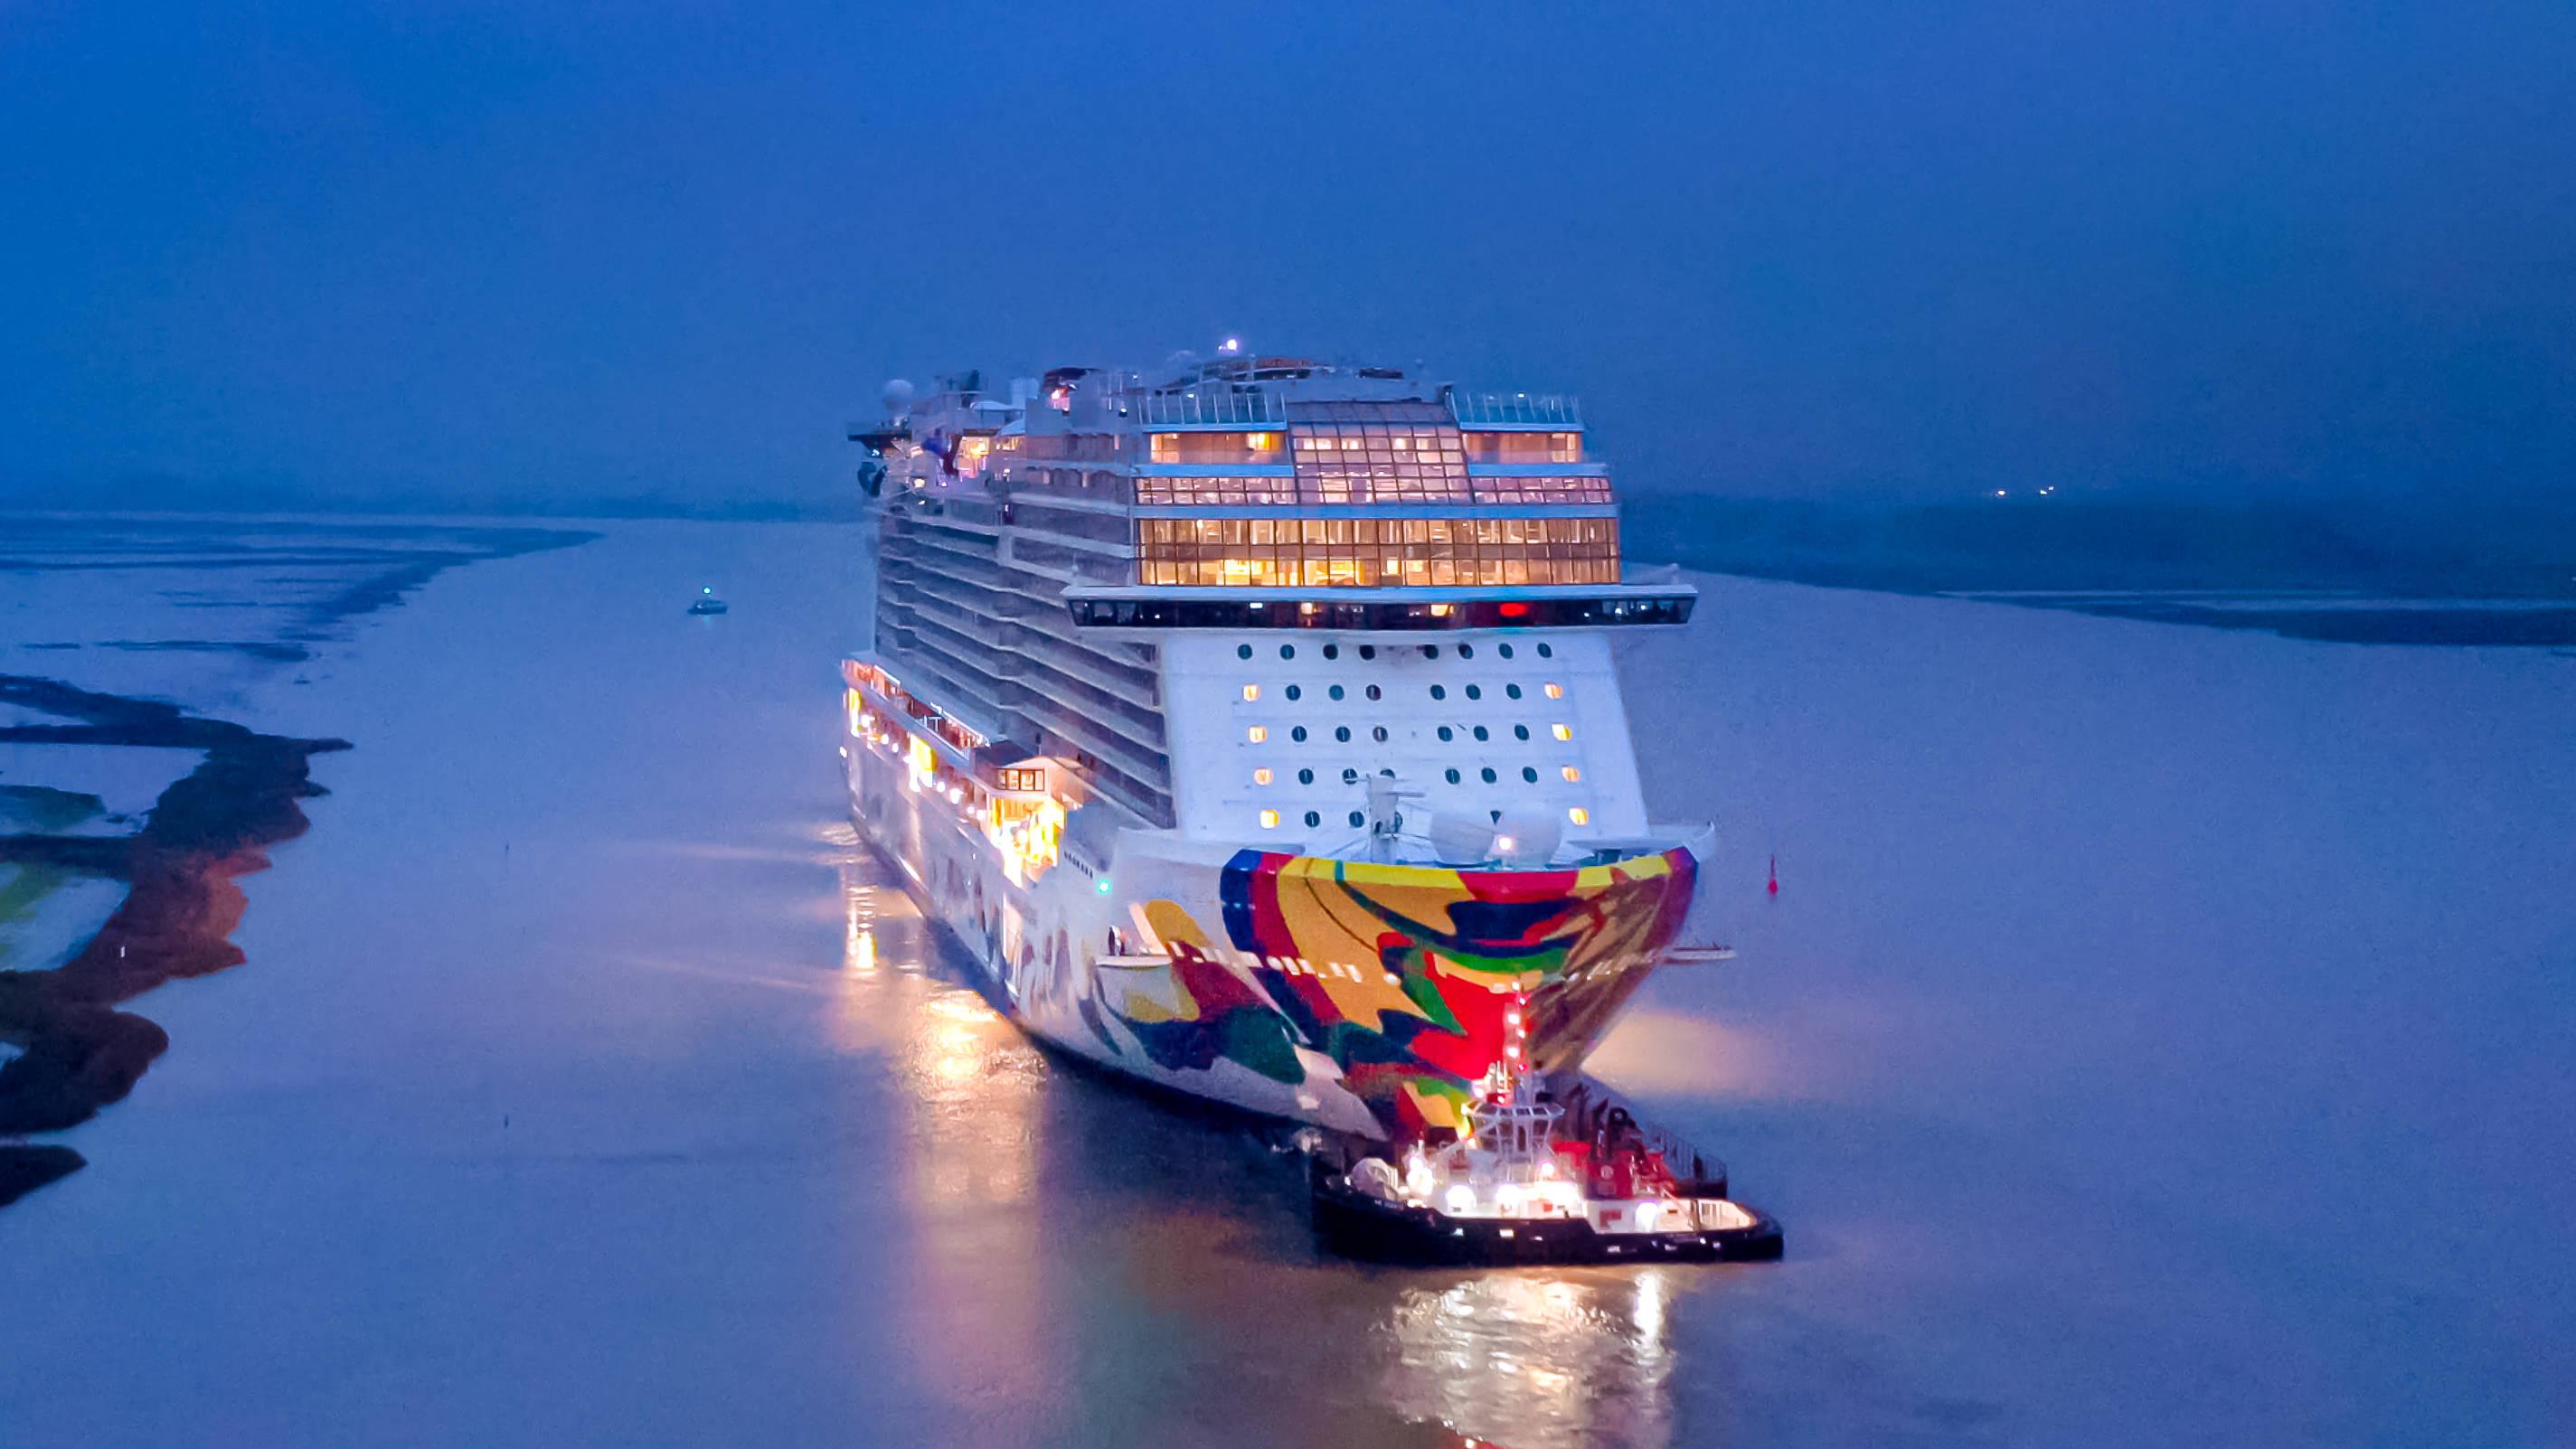 Norwegian Cruise Line se mantiene a flote en medio de crisis - Viajar -  Vida - ELTIEMPO.COM